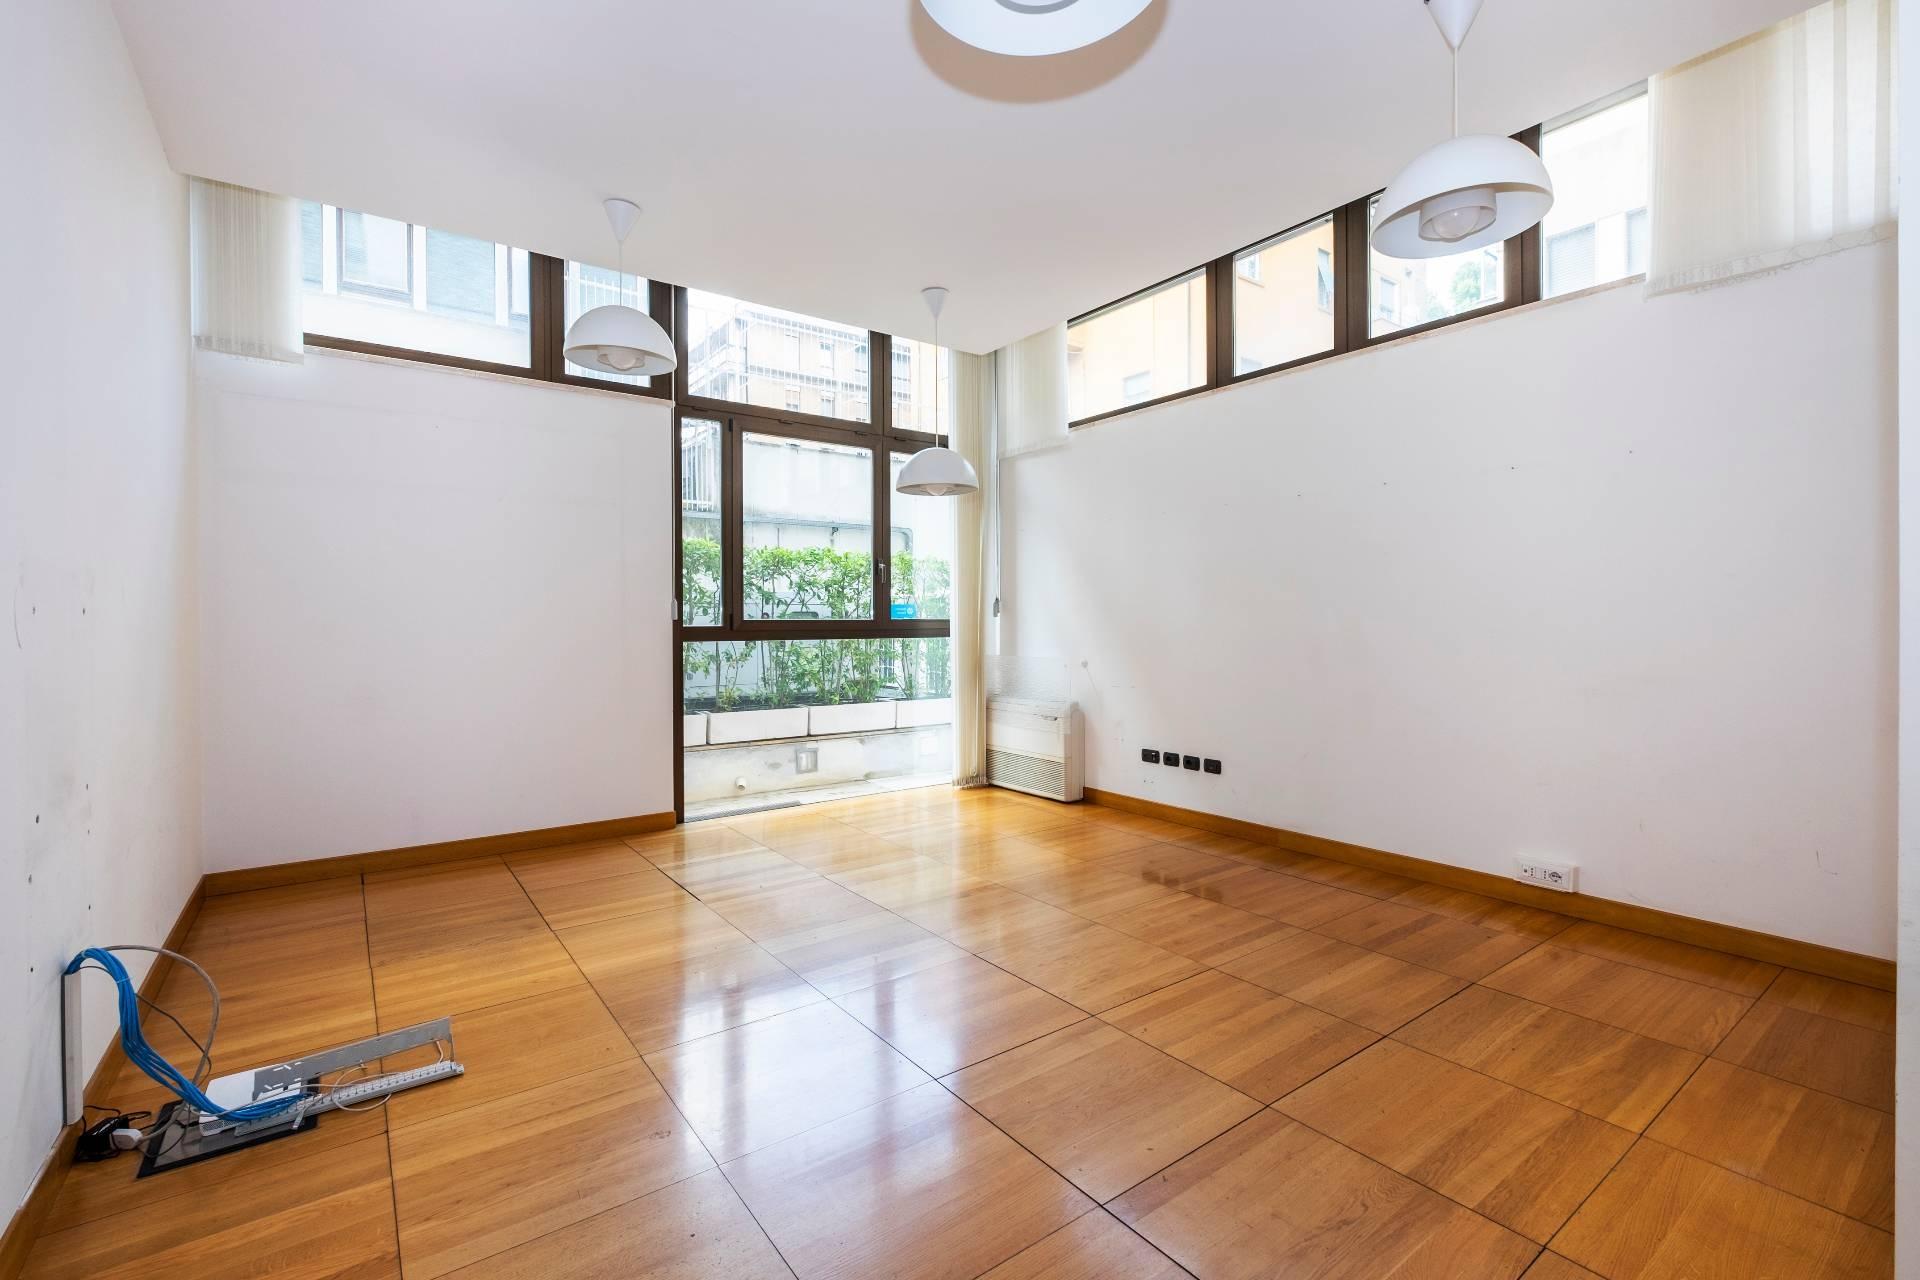 Appartamento in Vendita a Roma: 3 locali, 43 mq - Foto 3